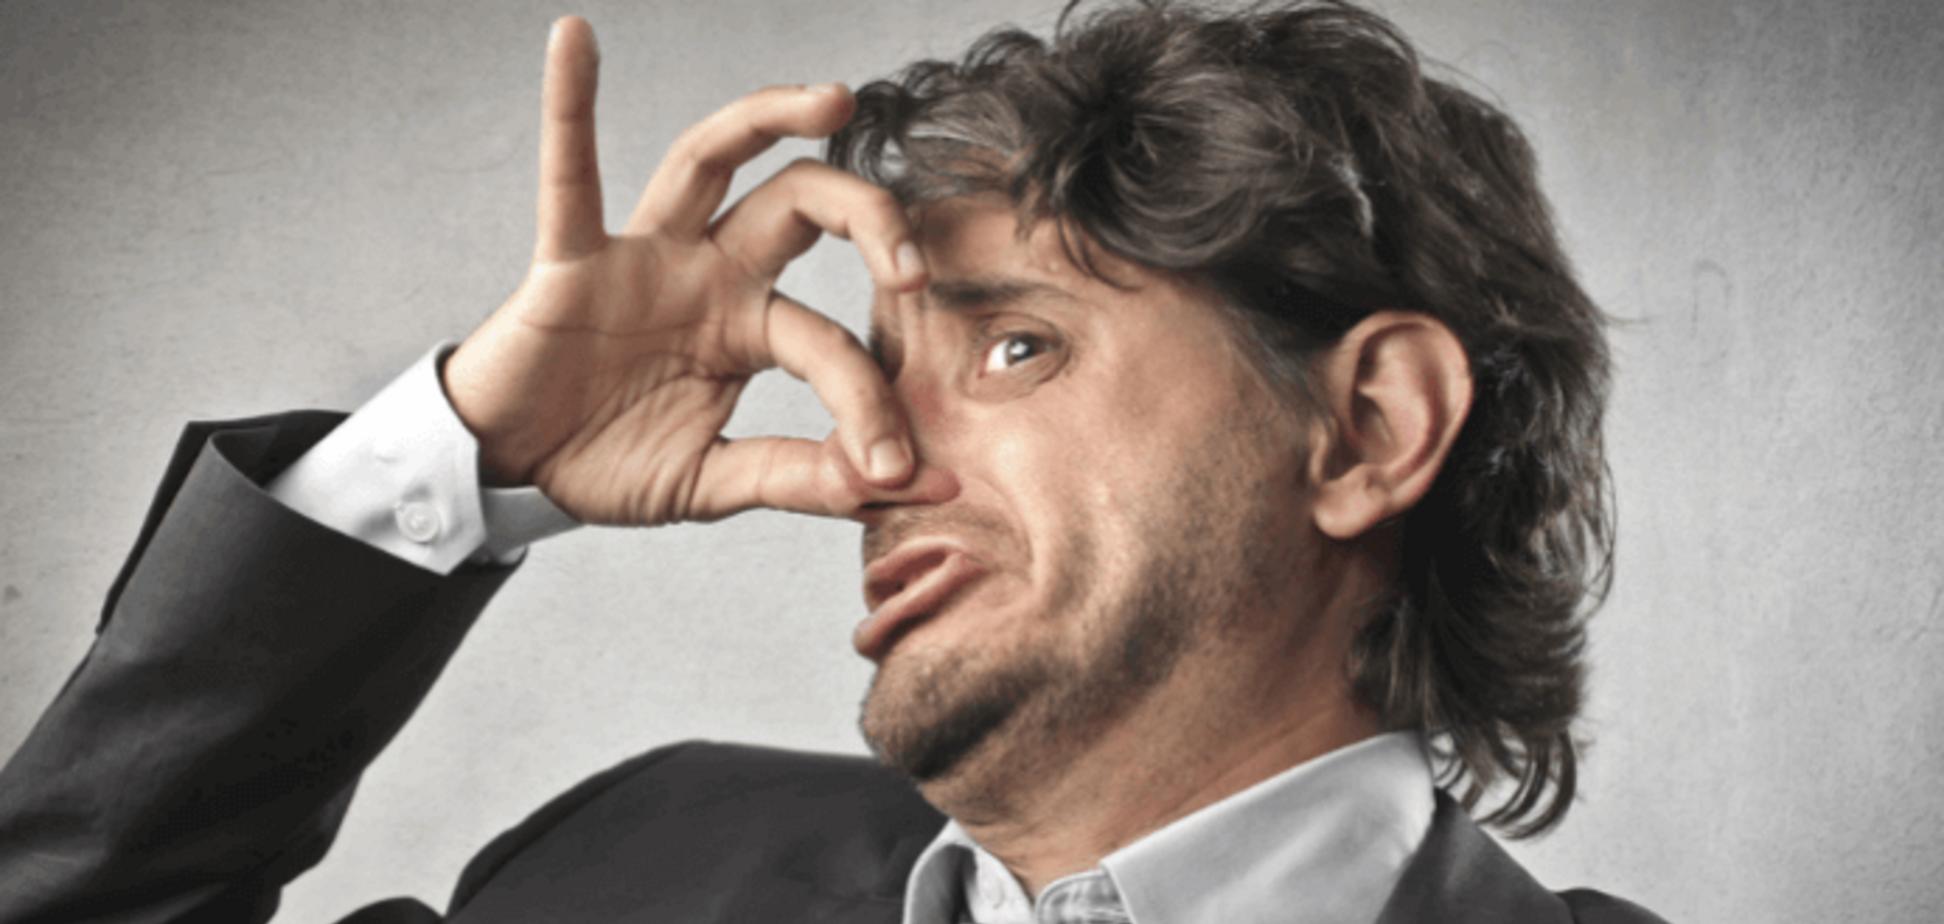 Діагностика 'на нюх': лікарка розповіла, чим пахнуть хвороби